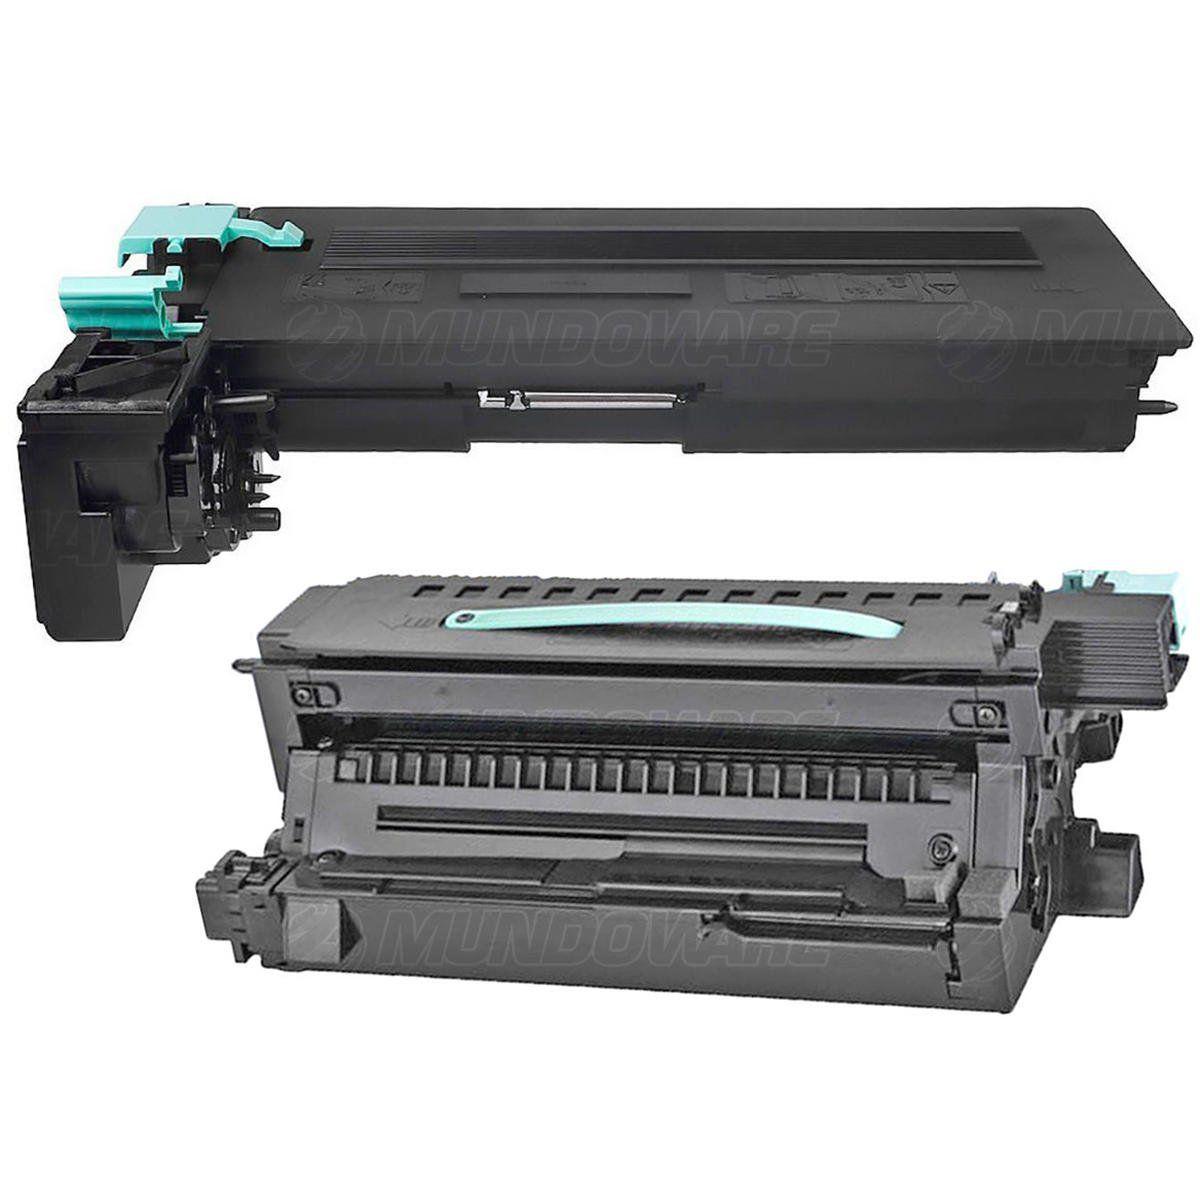 Compatível: Combo Fotocondutor R6555A + Toner D6555A para Samsung SCX-6555 SCX-6555nx SCX-6555n SCX-6545 SCX-6545n